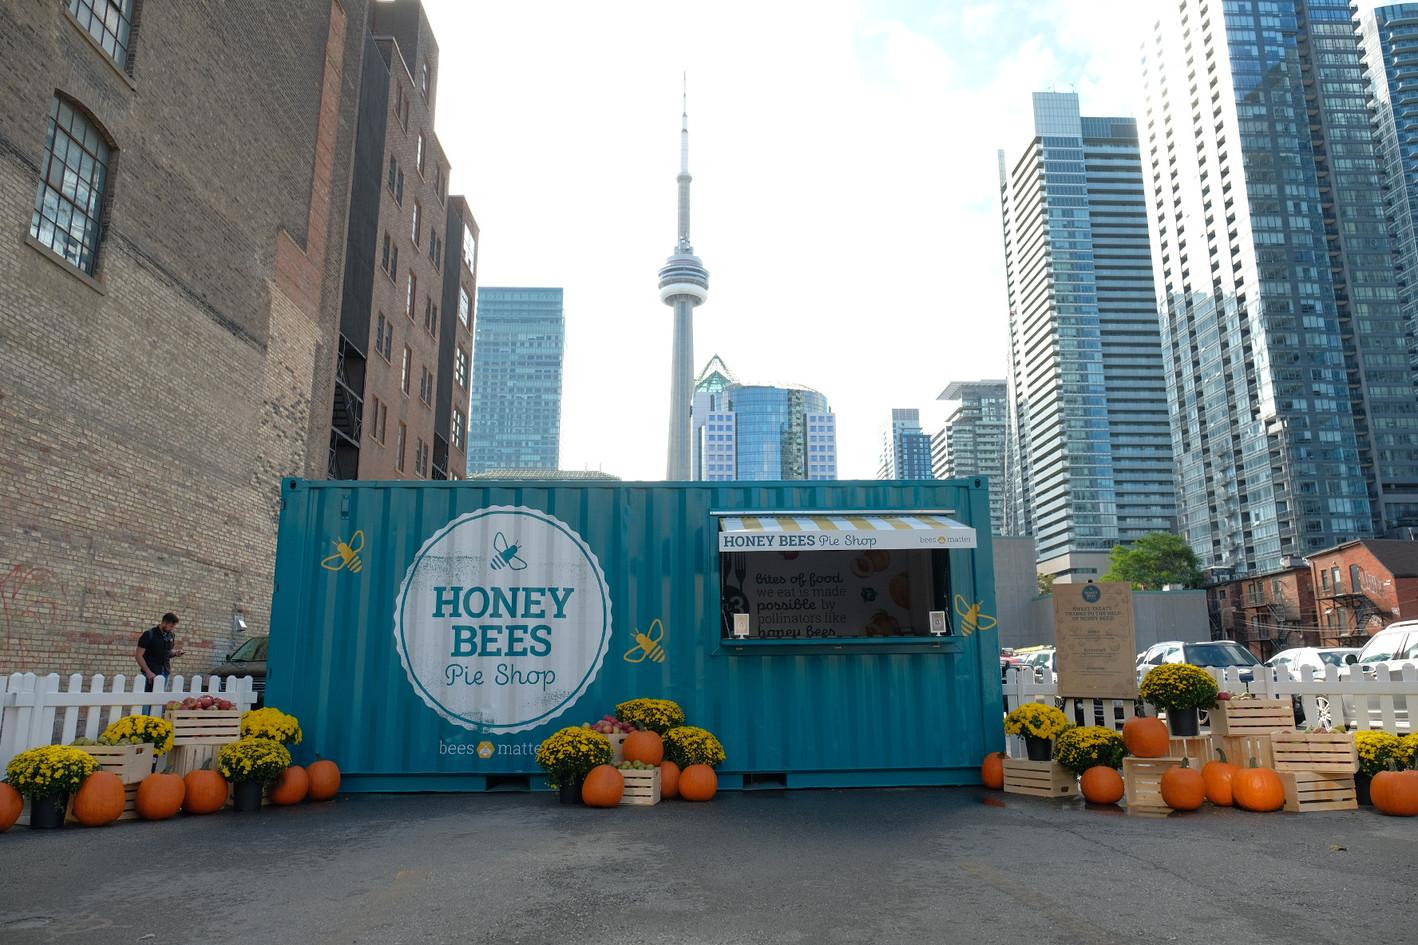 Honey Bees Pie Shop - Toronto